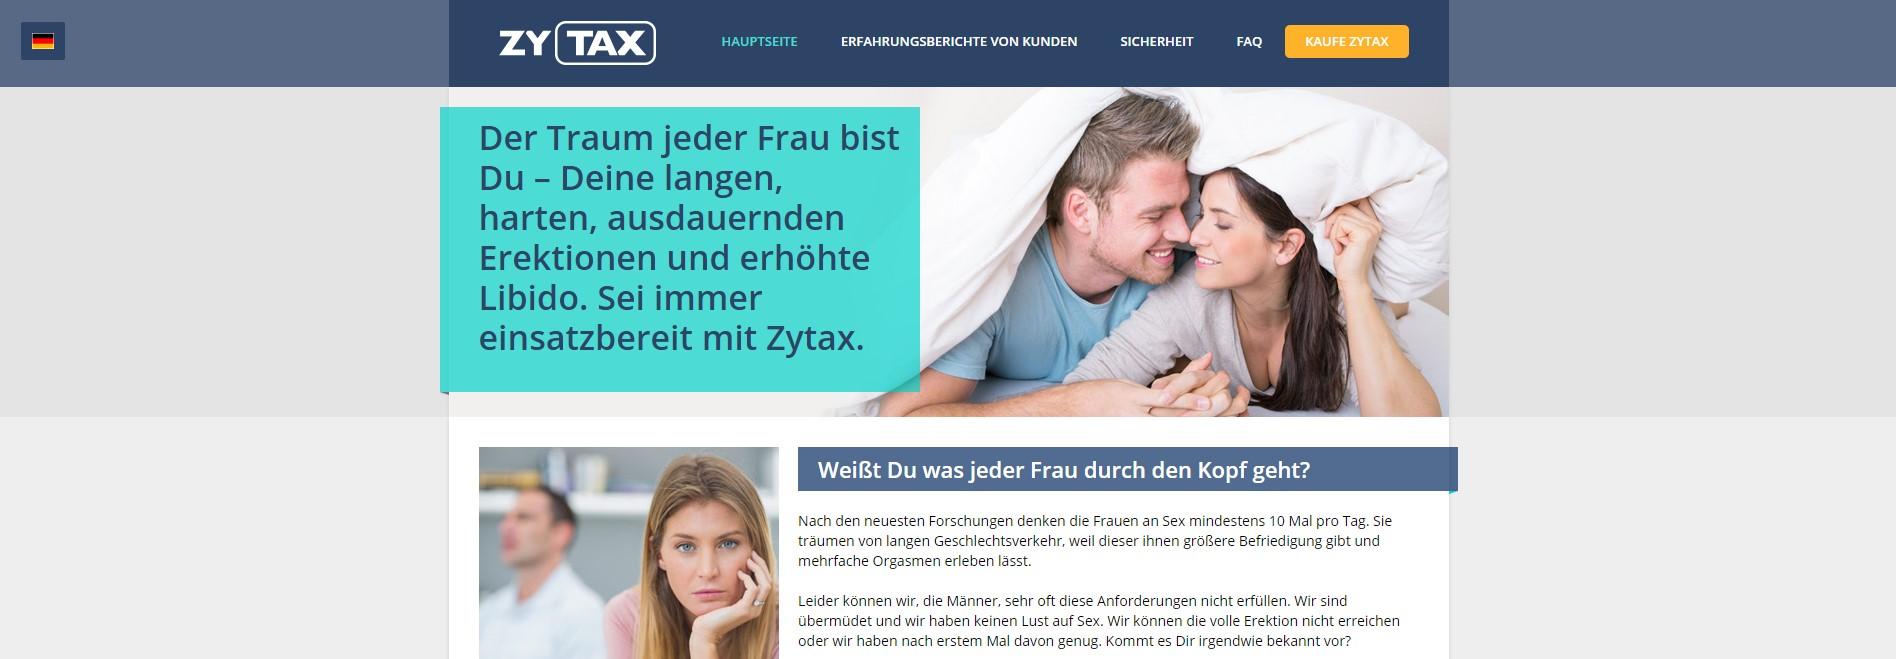 Die Zytax Homepage auf Deutsch